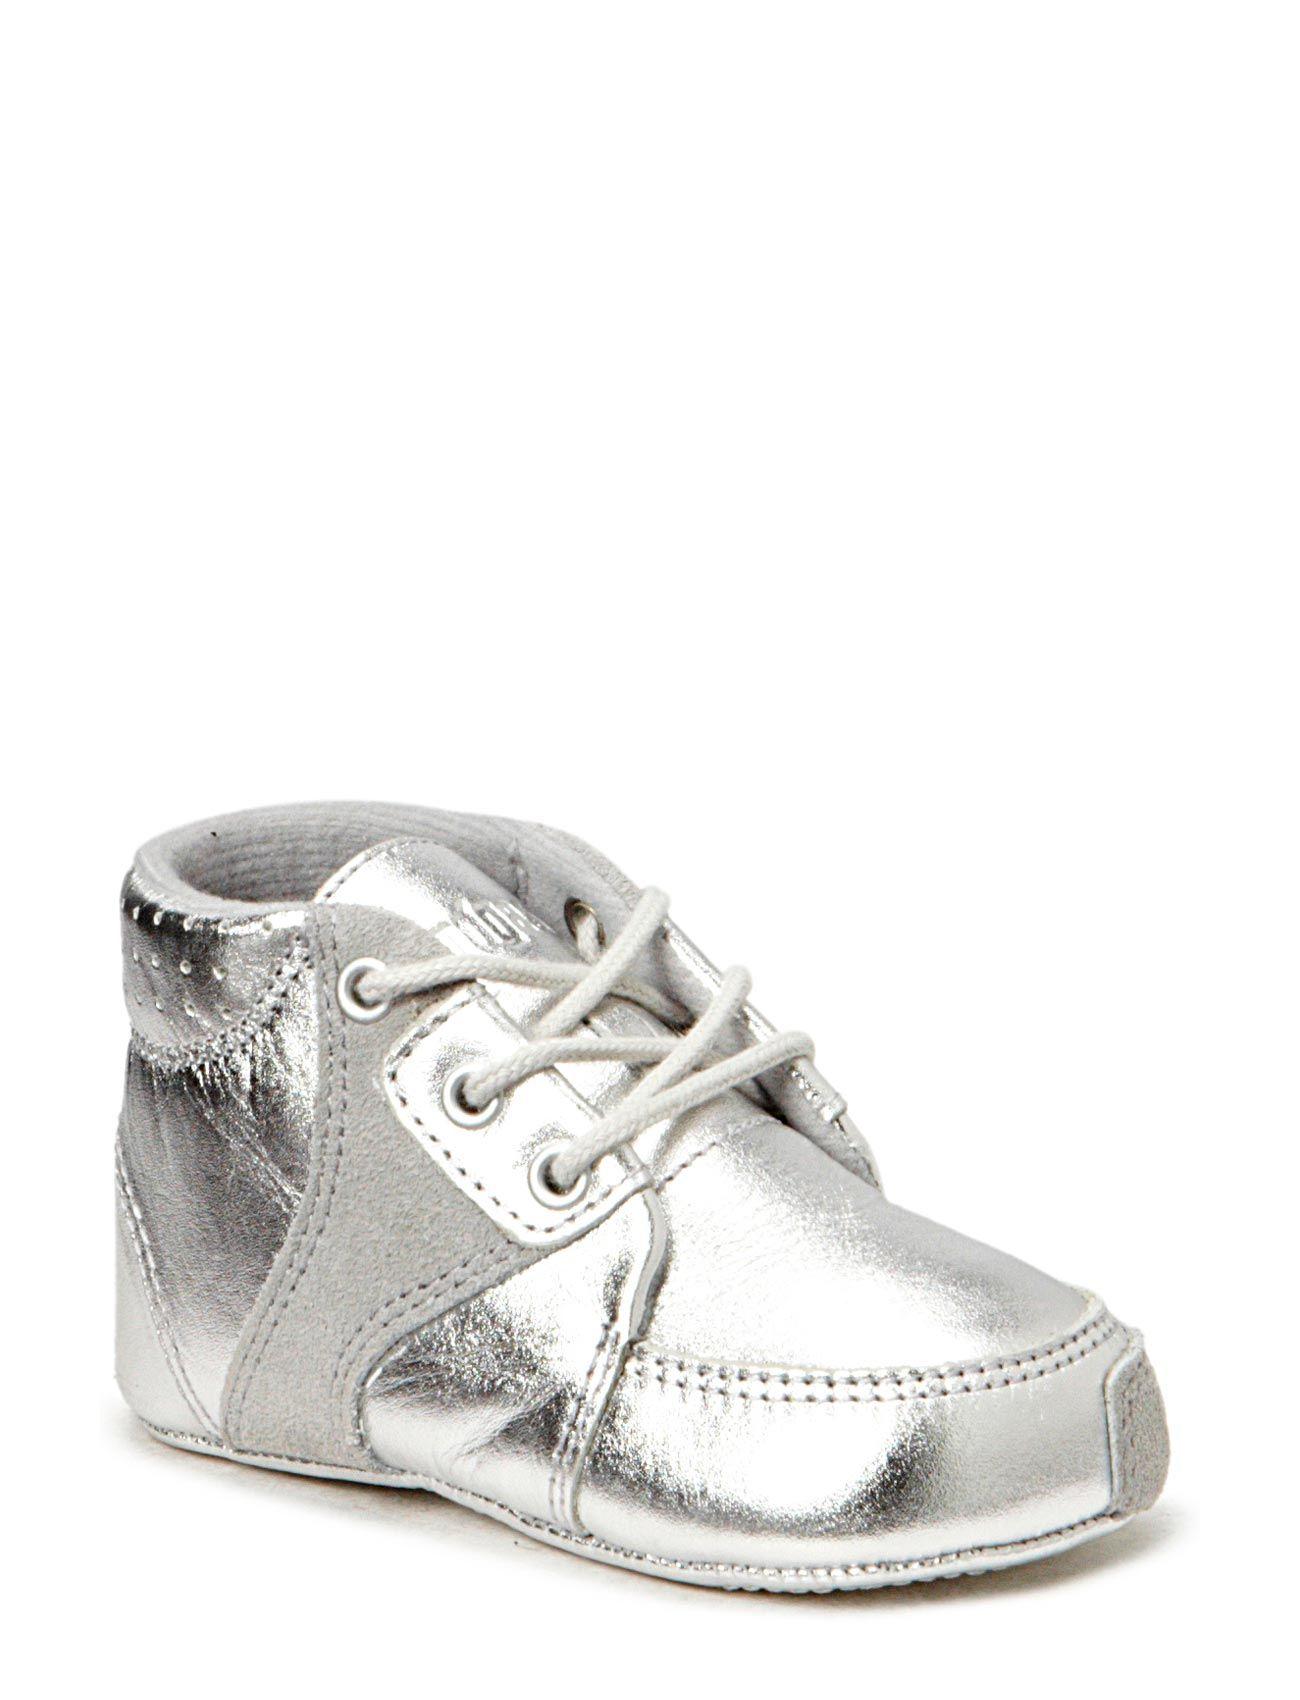 Prewalker silver w/laces fra bundgaard på boozt.com dk